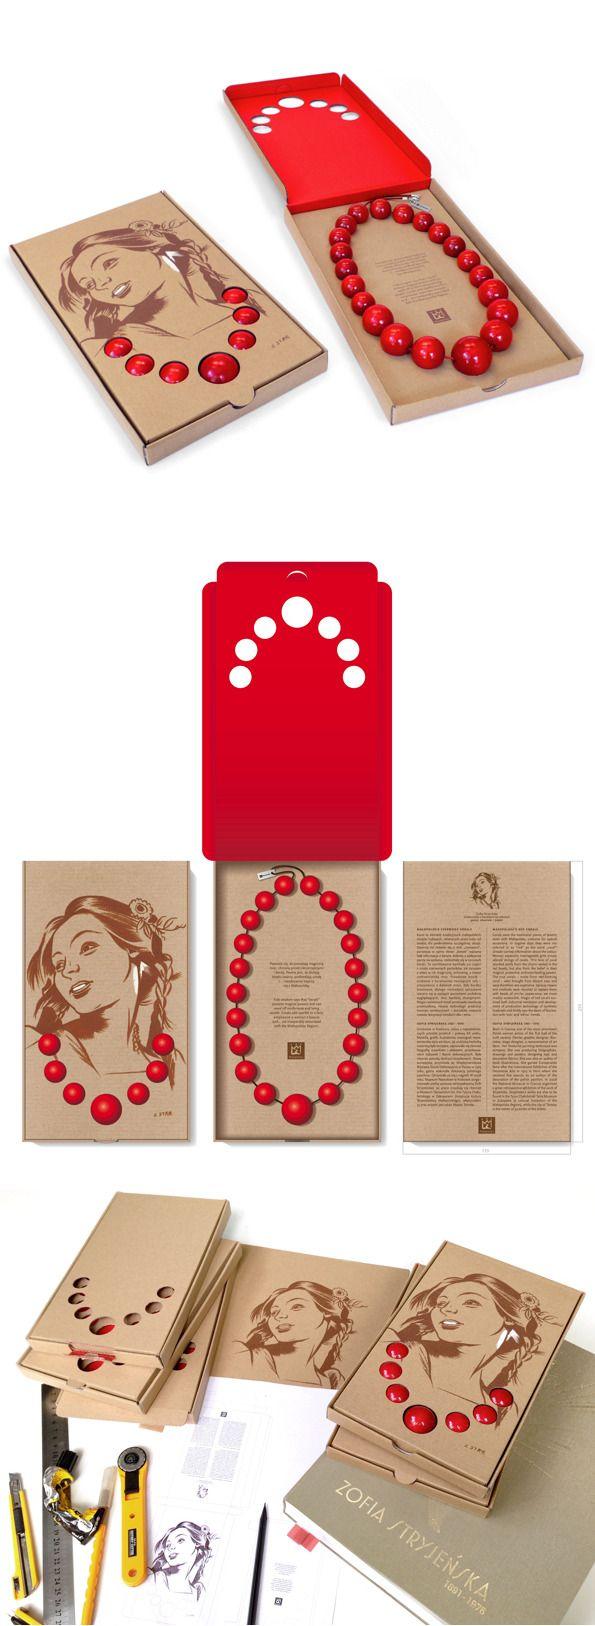 Małopolska's Red Corals box by Studio Otwarte